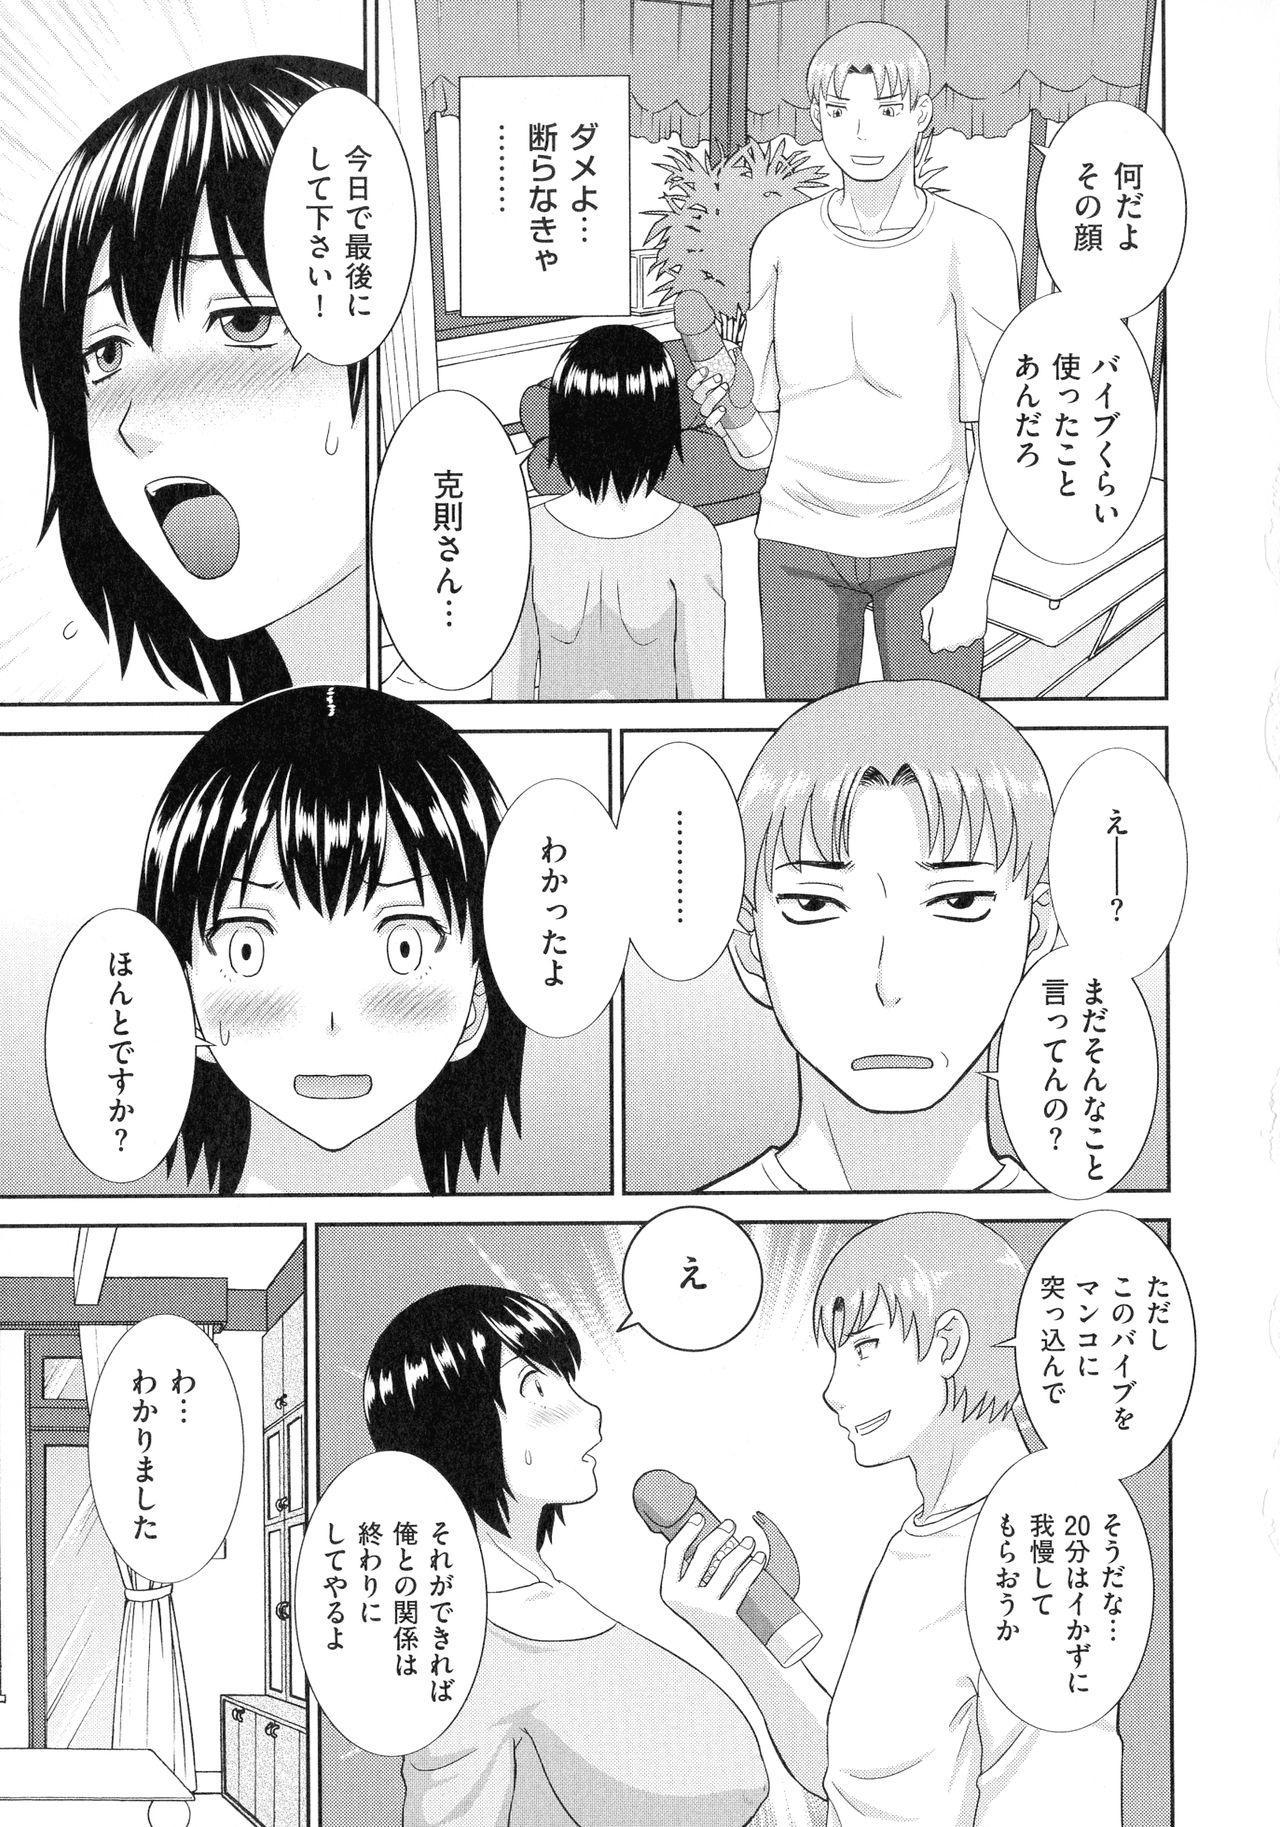 Tennen Torokeru Hatsujozuma 45